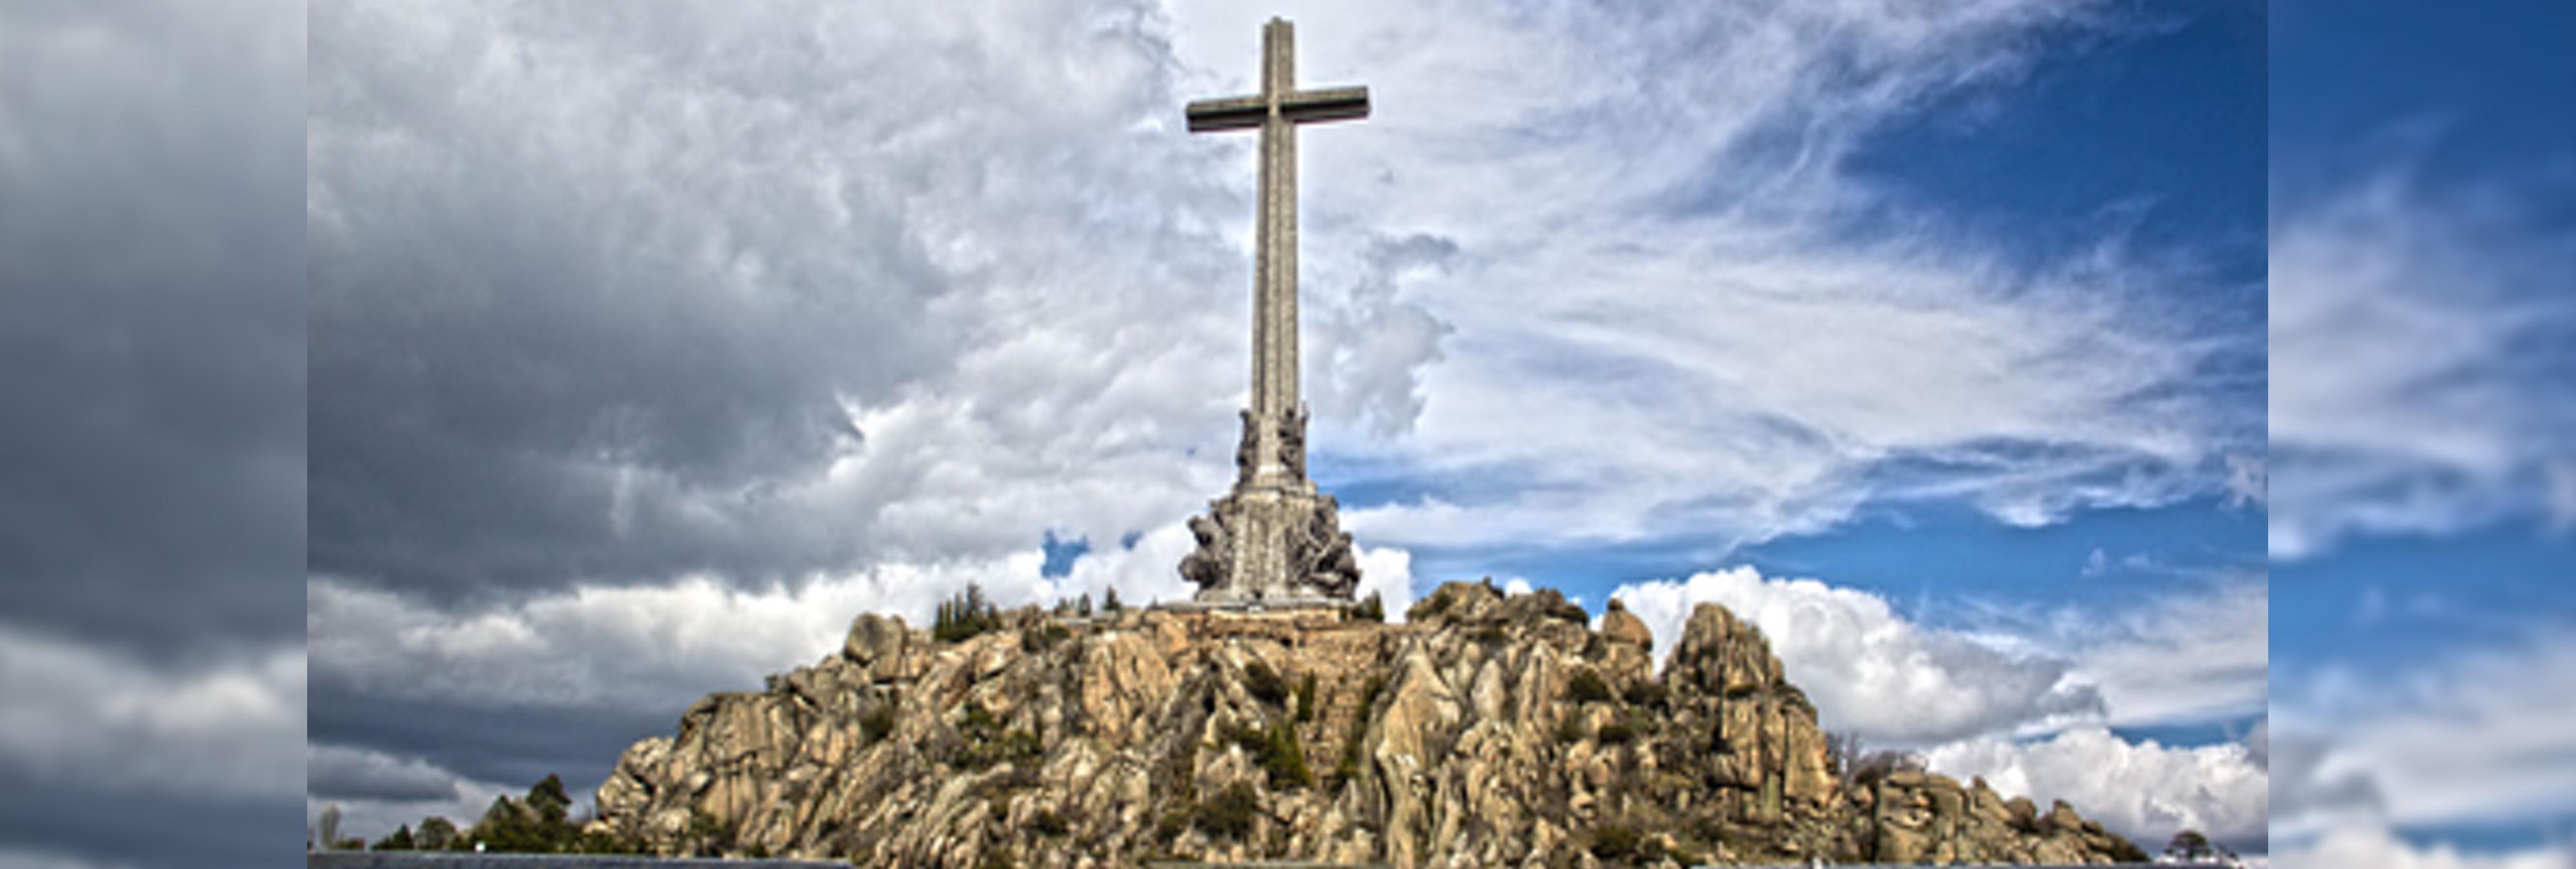 De dinamitarlo a dejarlo como está: las propuestas sobre el Valle de los Caídos